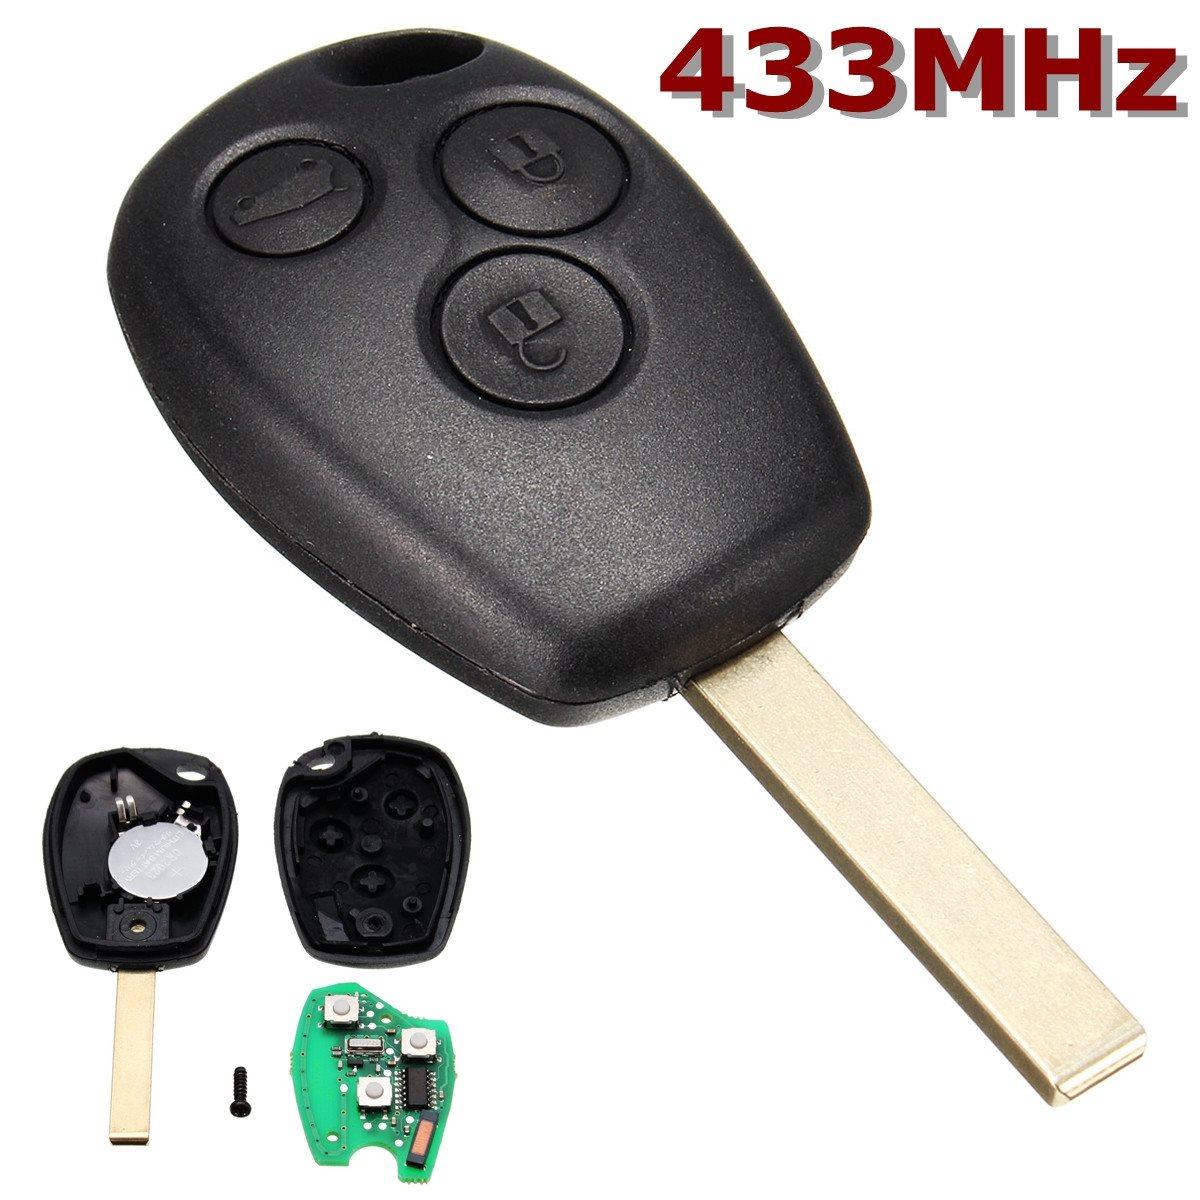 Negro Uncut Blade Control remoto clave 3 Botones 433 MHz para Renault/Kangoo II/Clio III